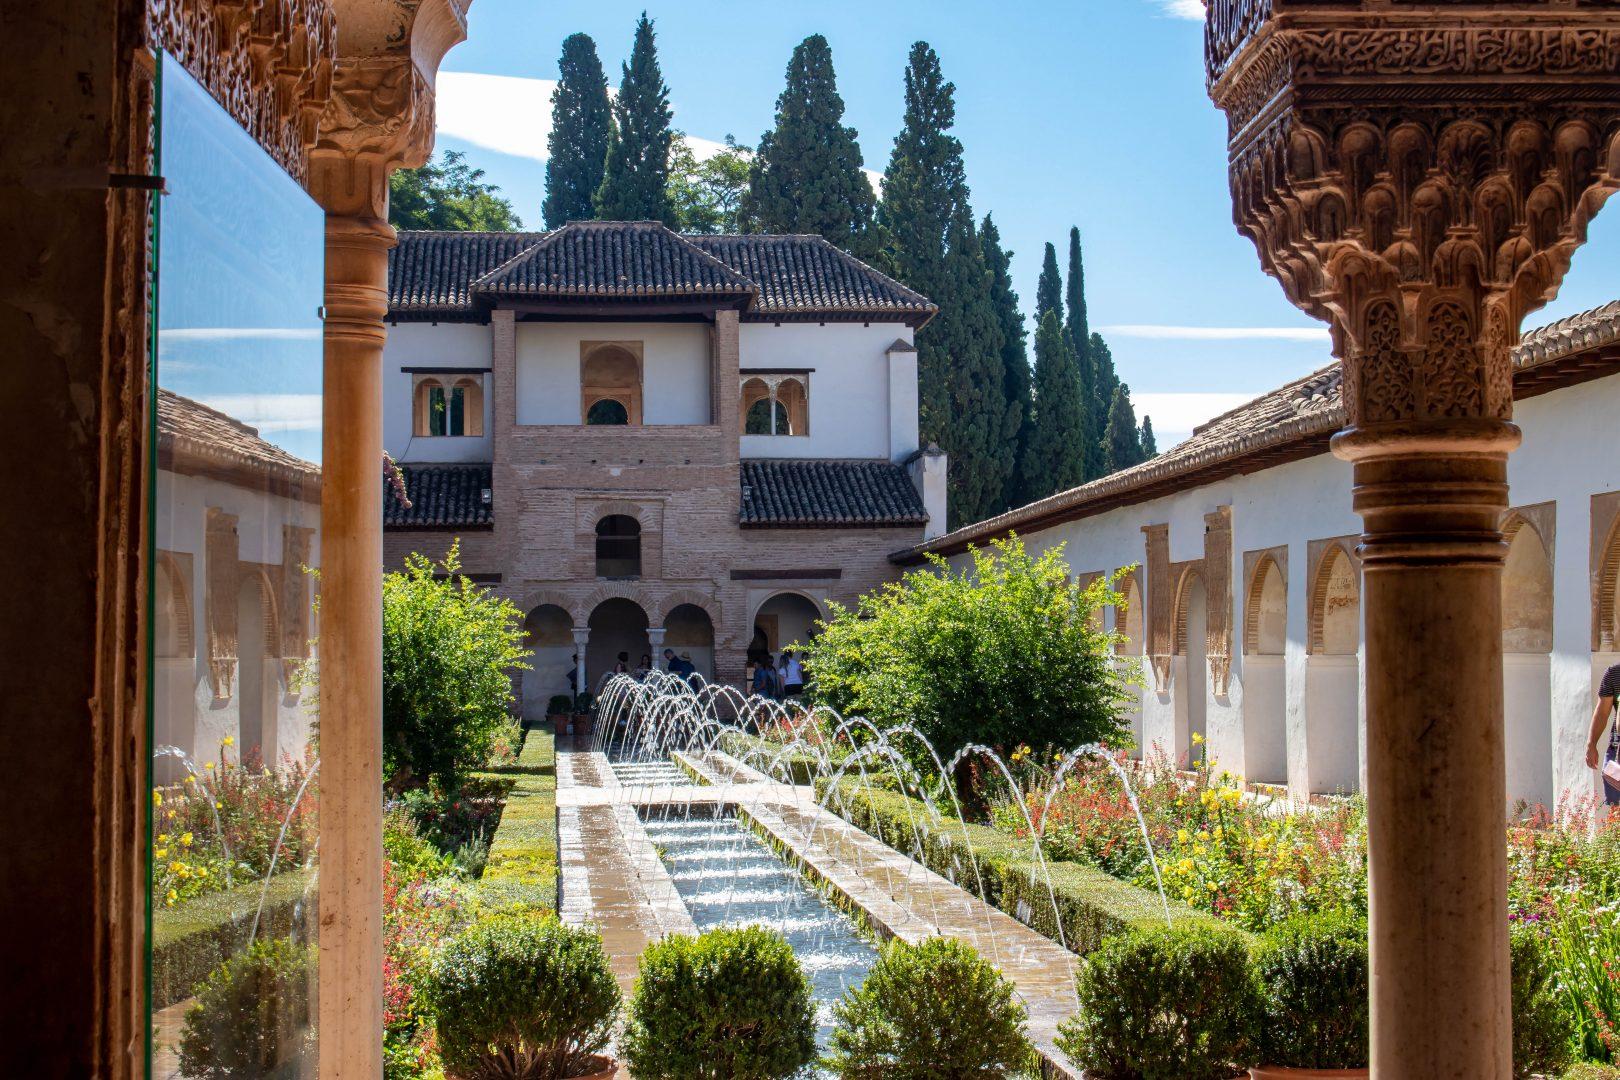 The Palacio de Generalife, Spain